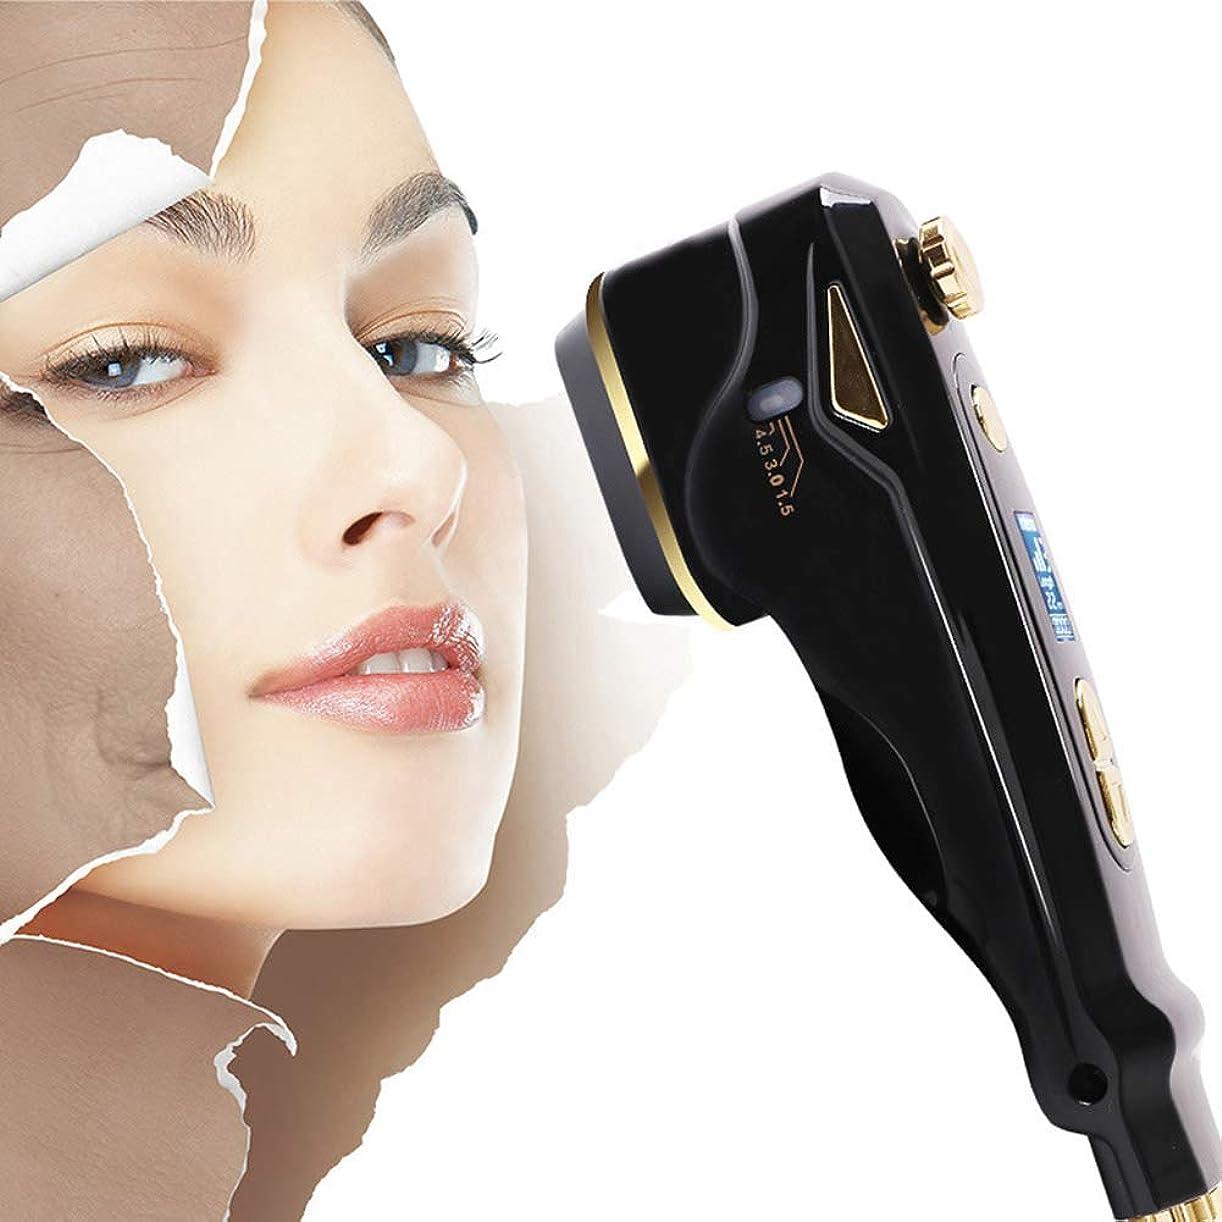 仲介者どれでも魔術ミニ 1の3 HIFU アンチエイジング 改築 デバイス、 世帯 RF フェイシャル 美しさ 機械 へ 家庭での使用 肌の若返り、 首 しわの除去、 ホワイトニング、 肌の引き締め デバイス